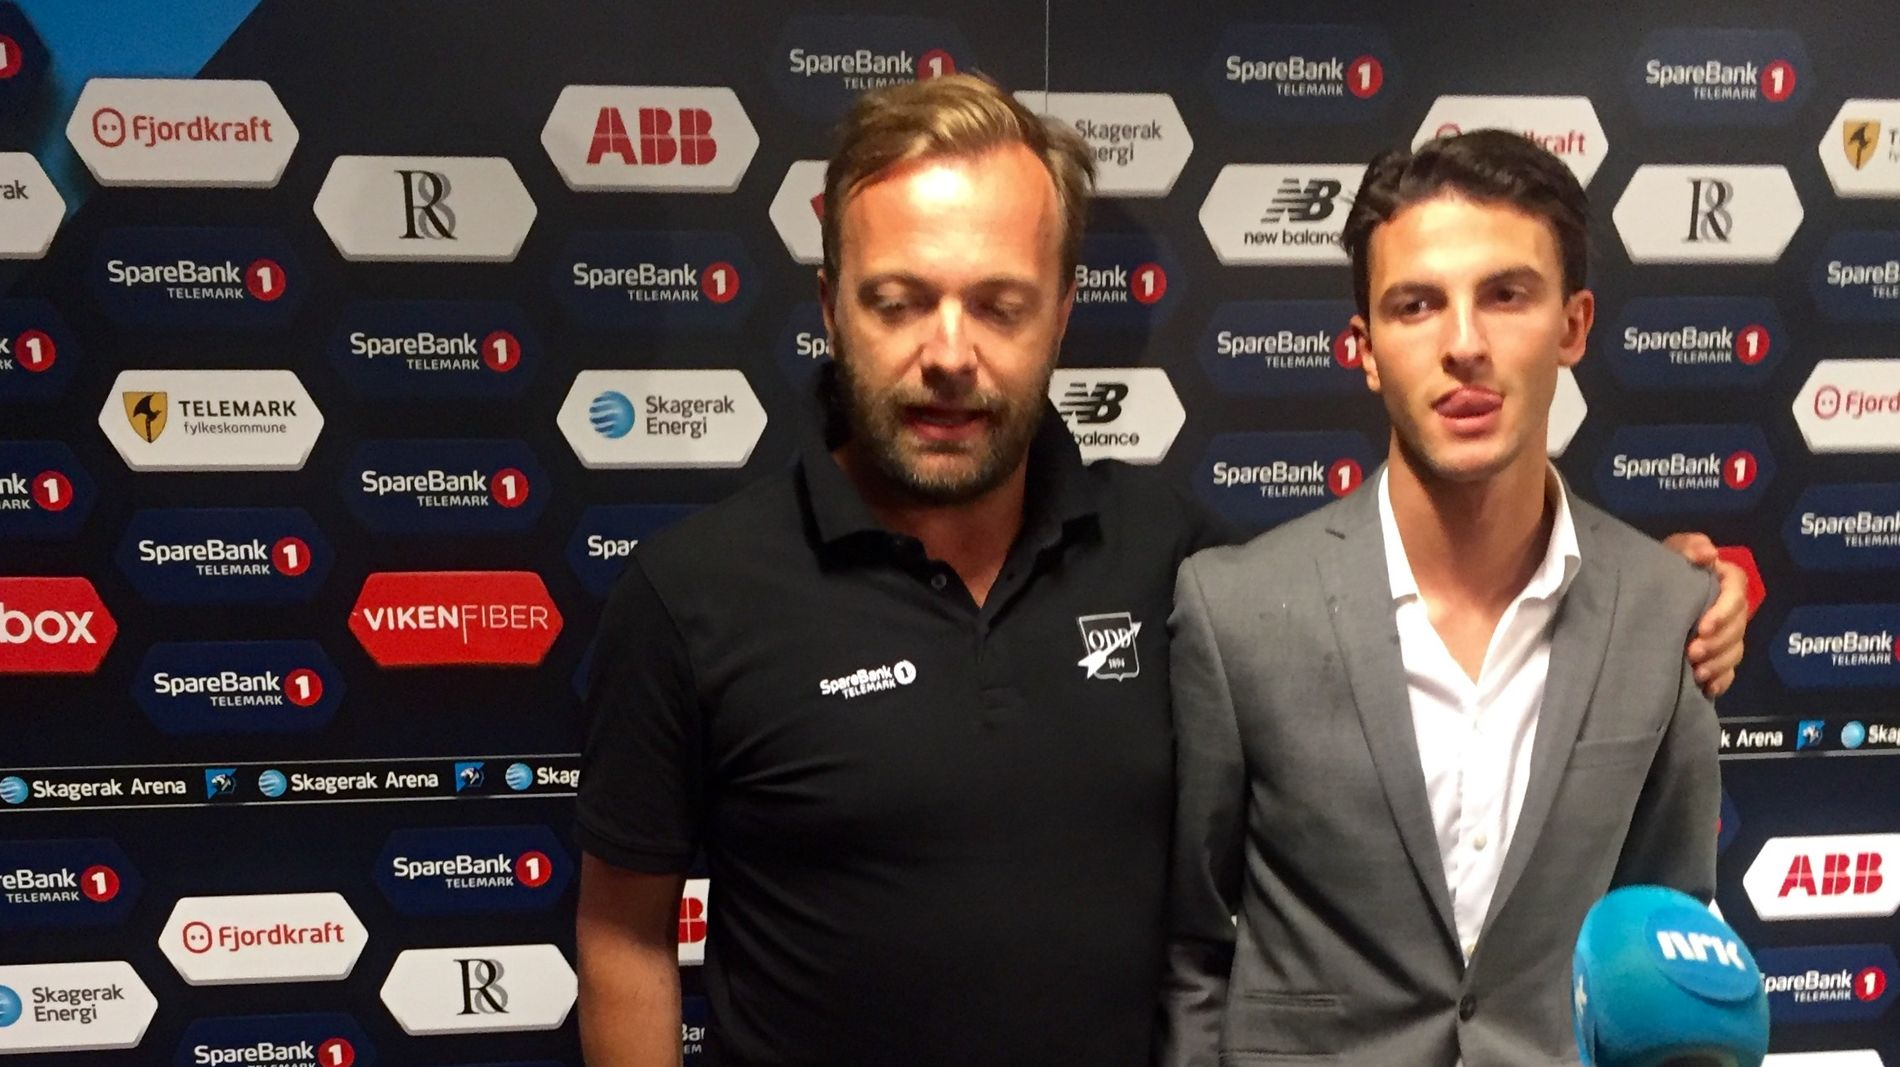 KLAR: Rafik Zekhnini (19) er klar for Serie A og Fiorentina. Her sammen med Odd-leder Einar Håndlykken etter kampen mot Viking søndag kveld.